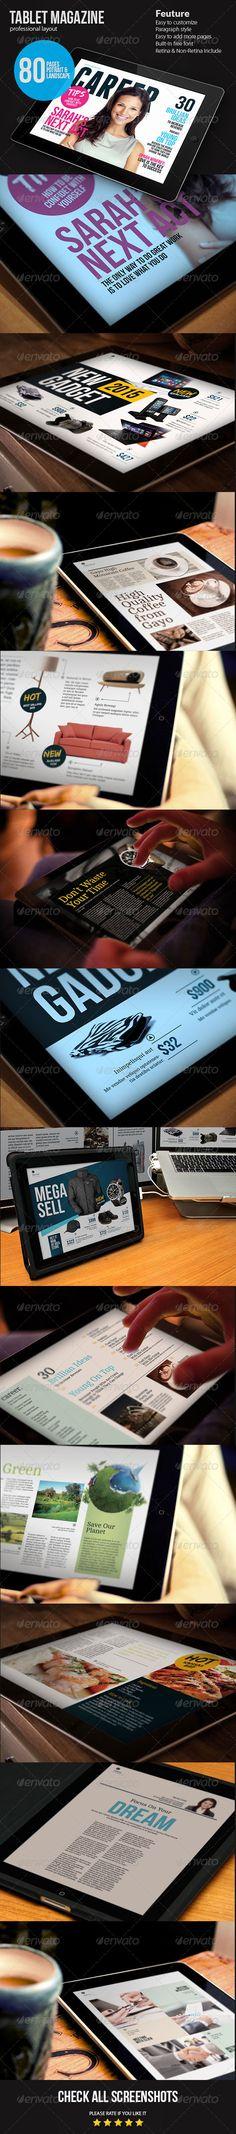 Ipad Magazine Template - Digital Magazines ePublishing